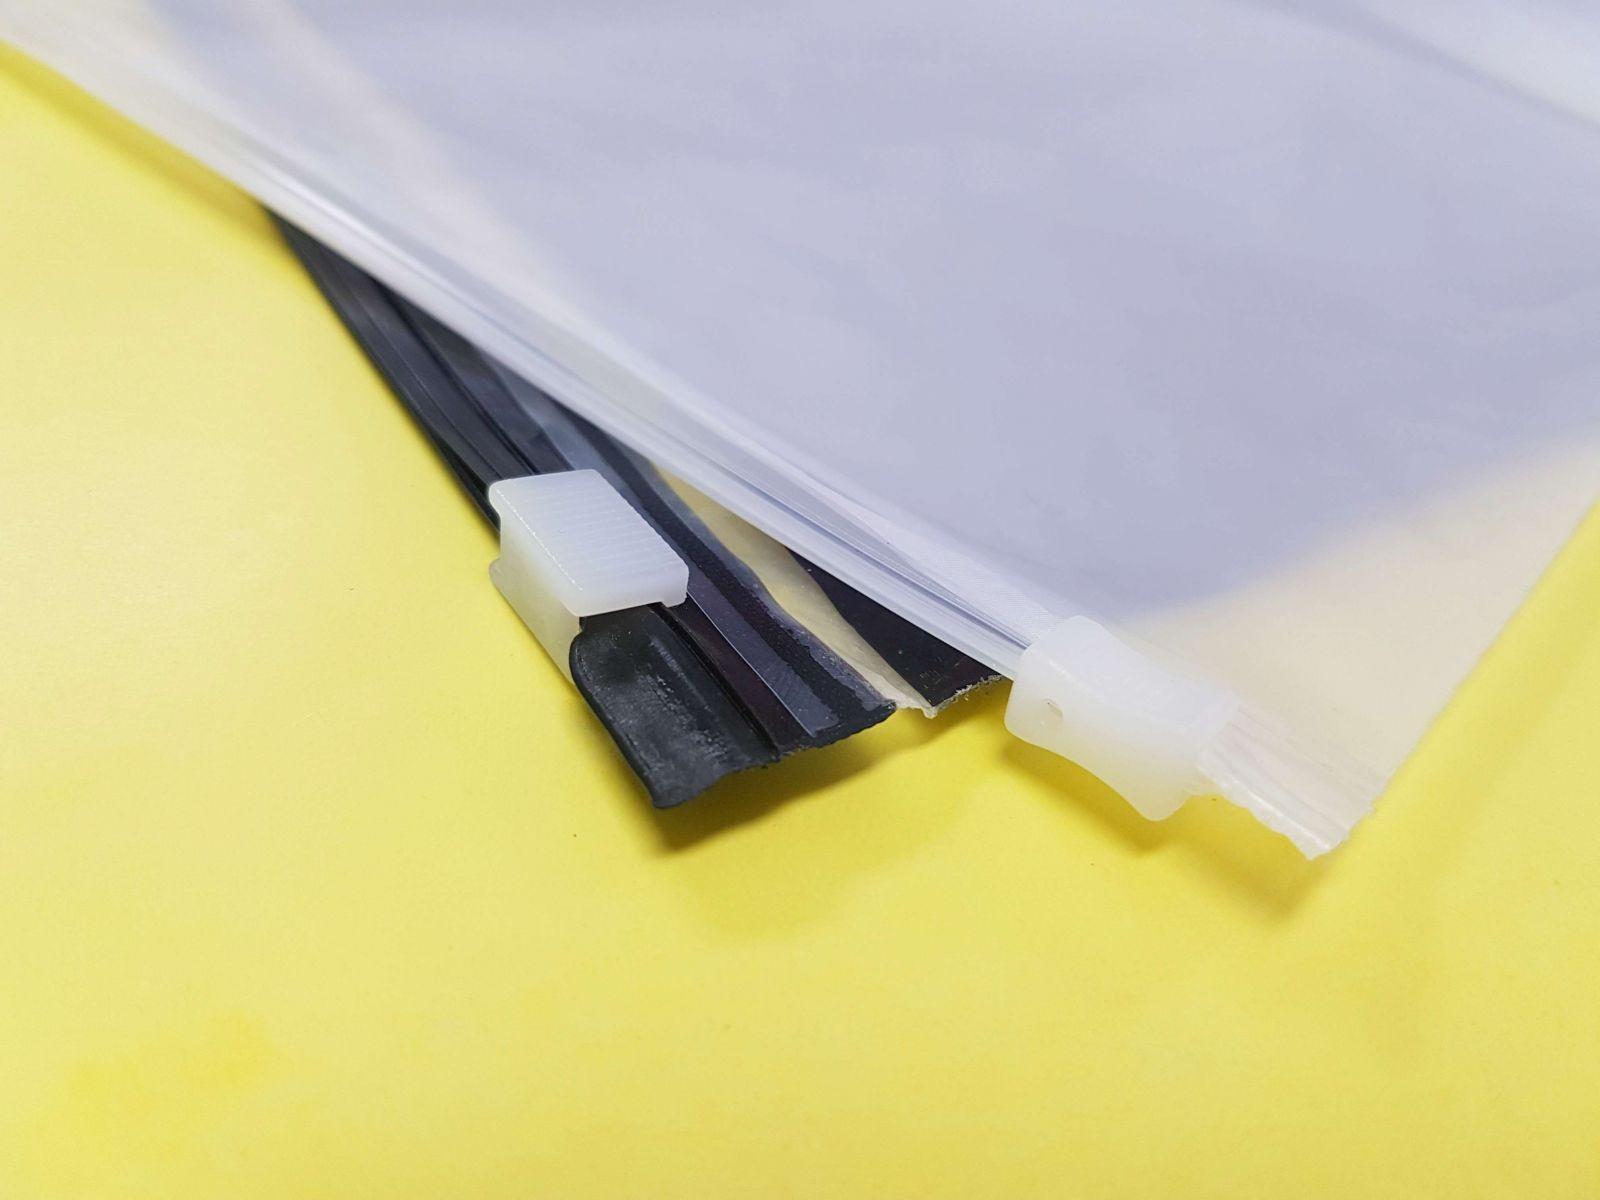 túi zipper khóa kéo khá tiện lợi khi đóng hoặc mở